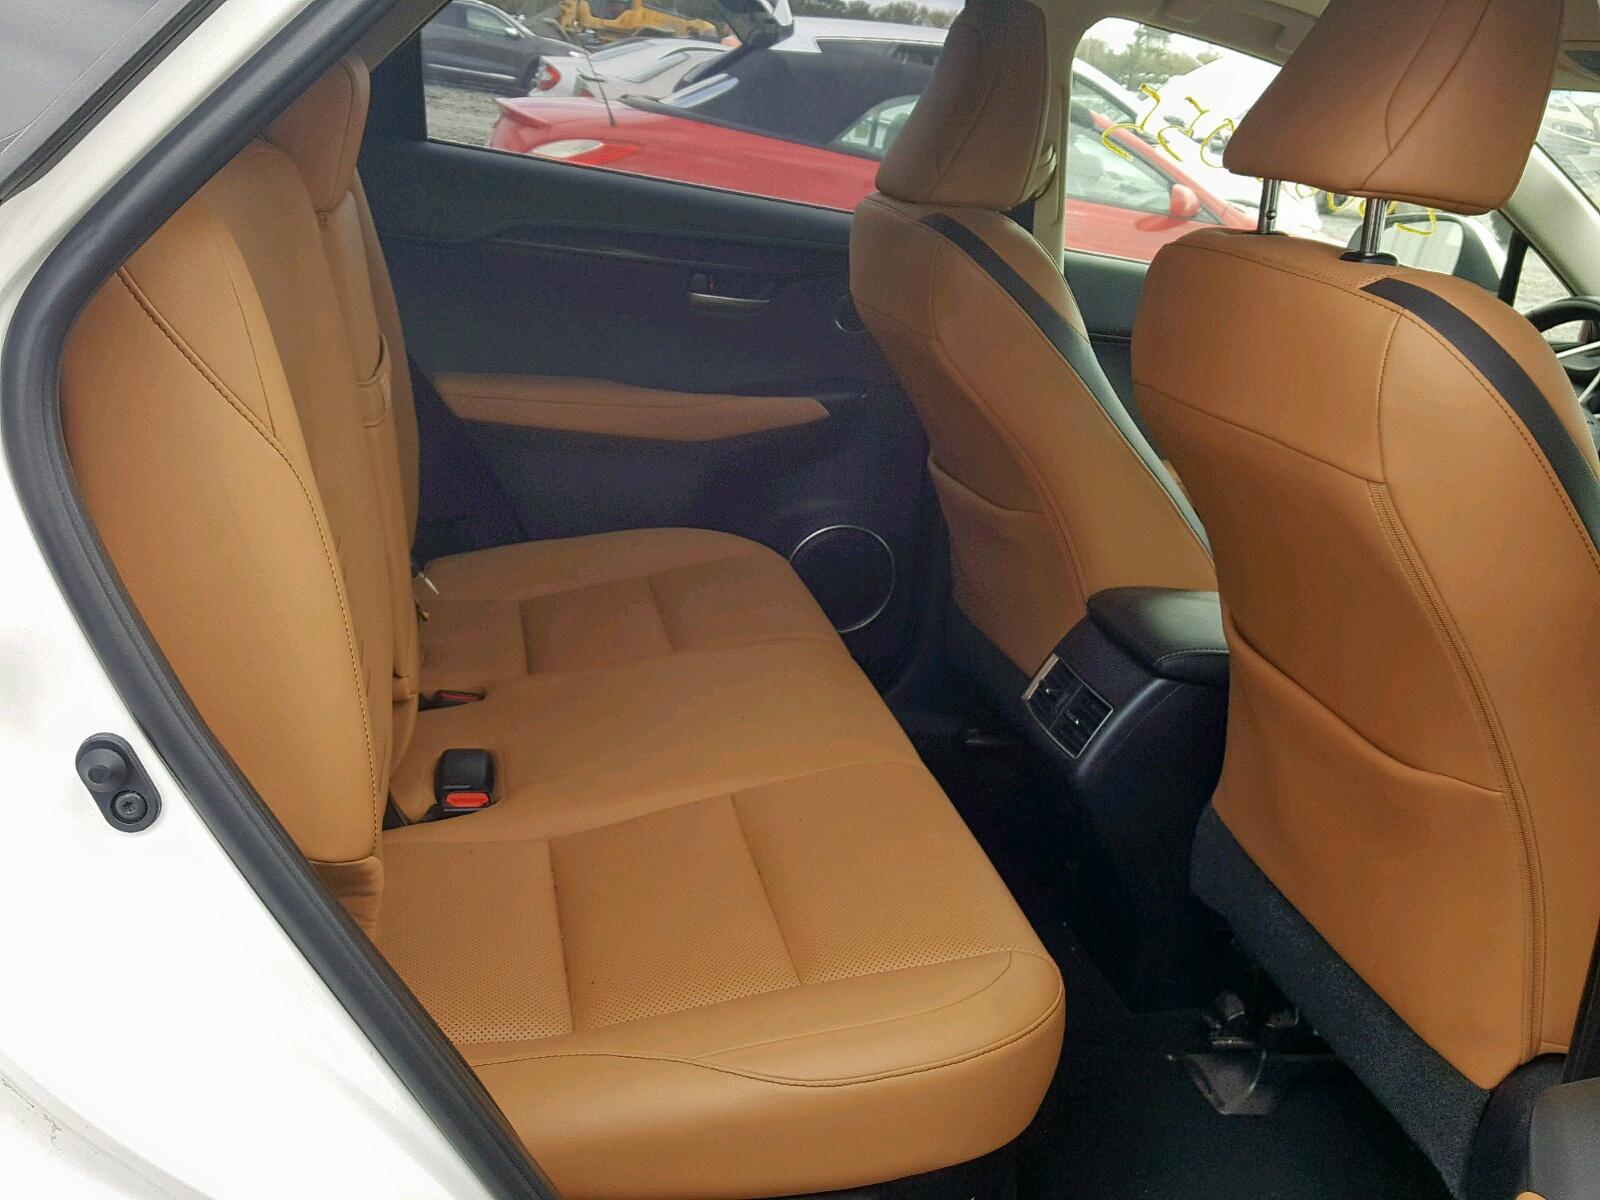 JTJBARBZ0H2096456 - 2017 Lexus Nx 200T Ba 2.0L detail view